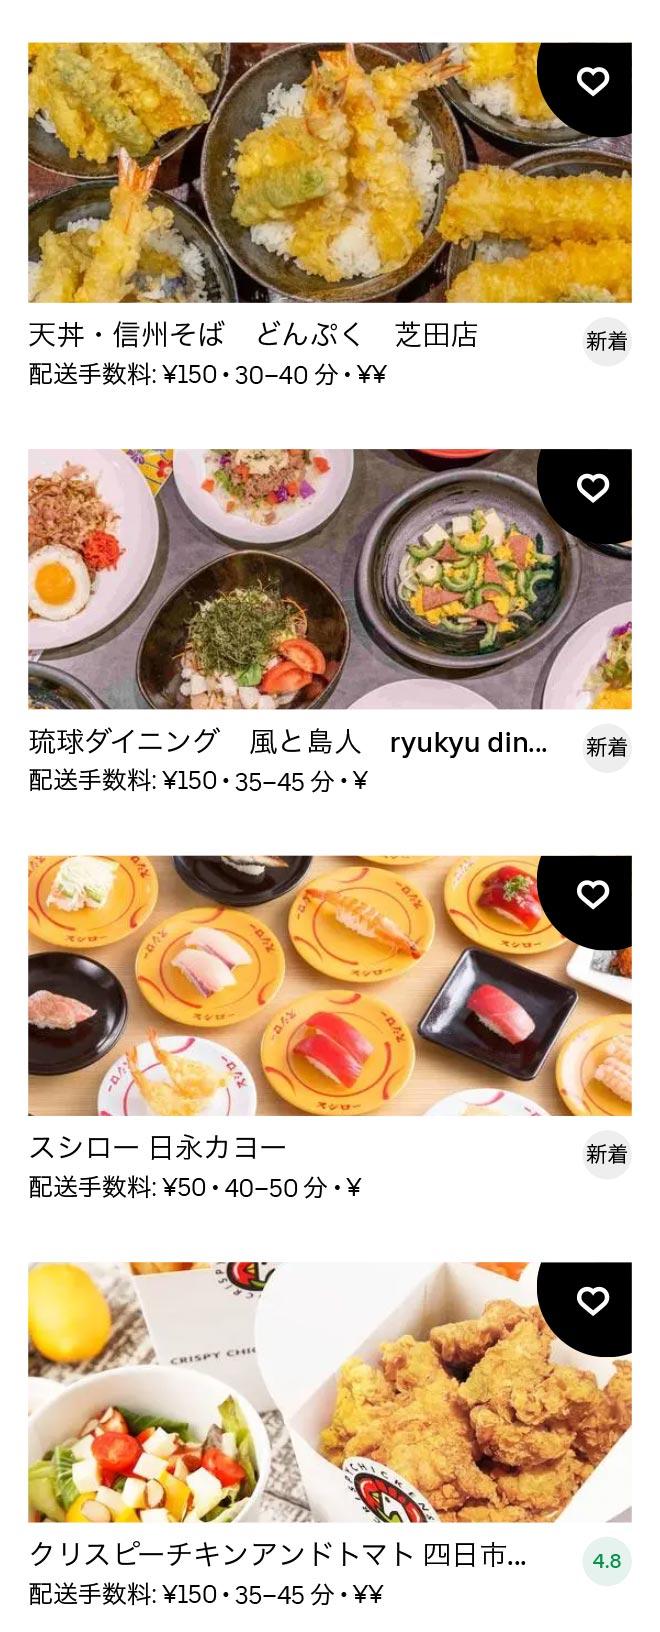 Minami hinaga menu 2012 06